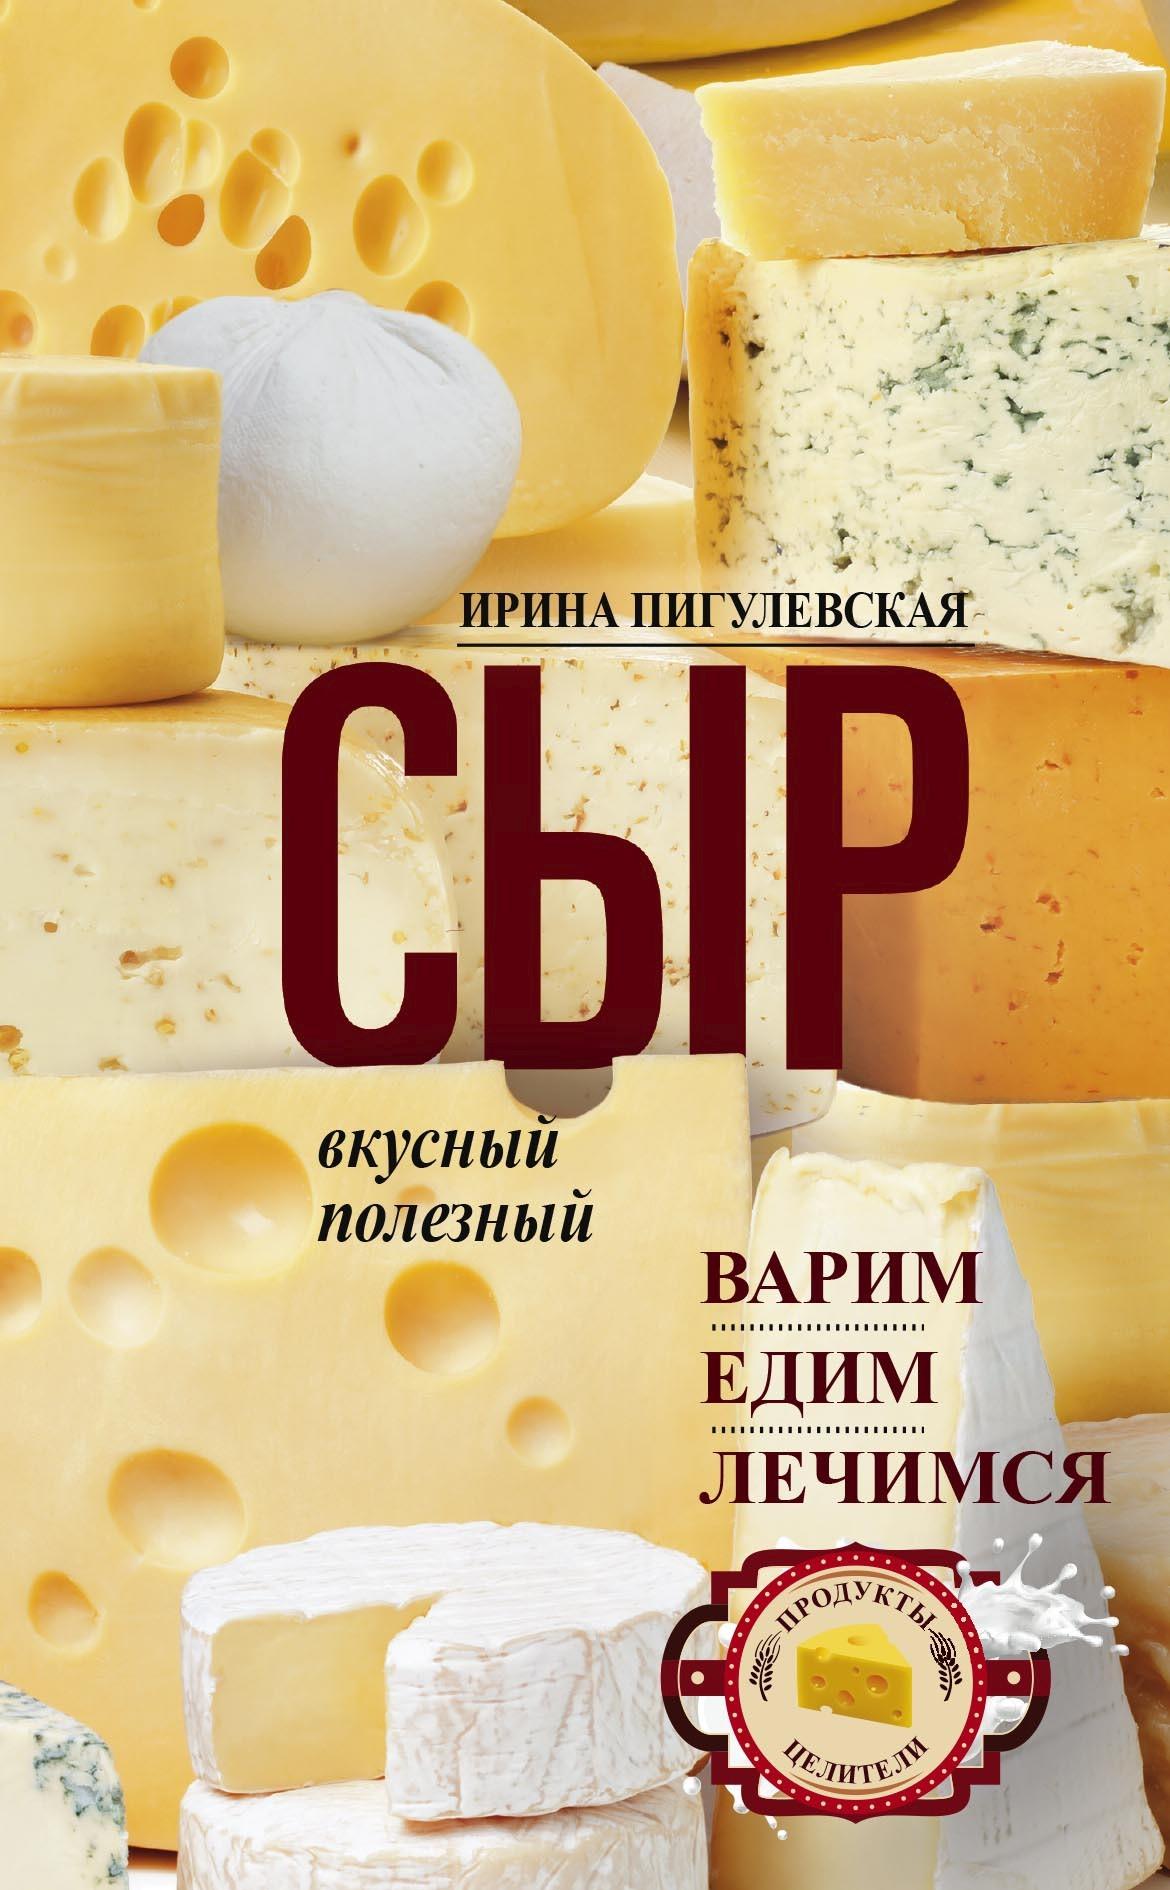 И. С. Пигулевская Сыр вкусный, целебный. Варим, едим, лечимся сыр карлов двор с ароматом топленого молока